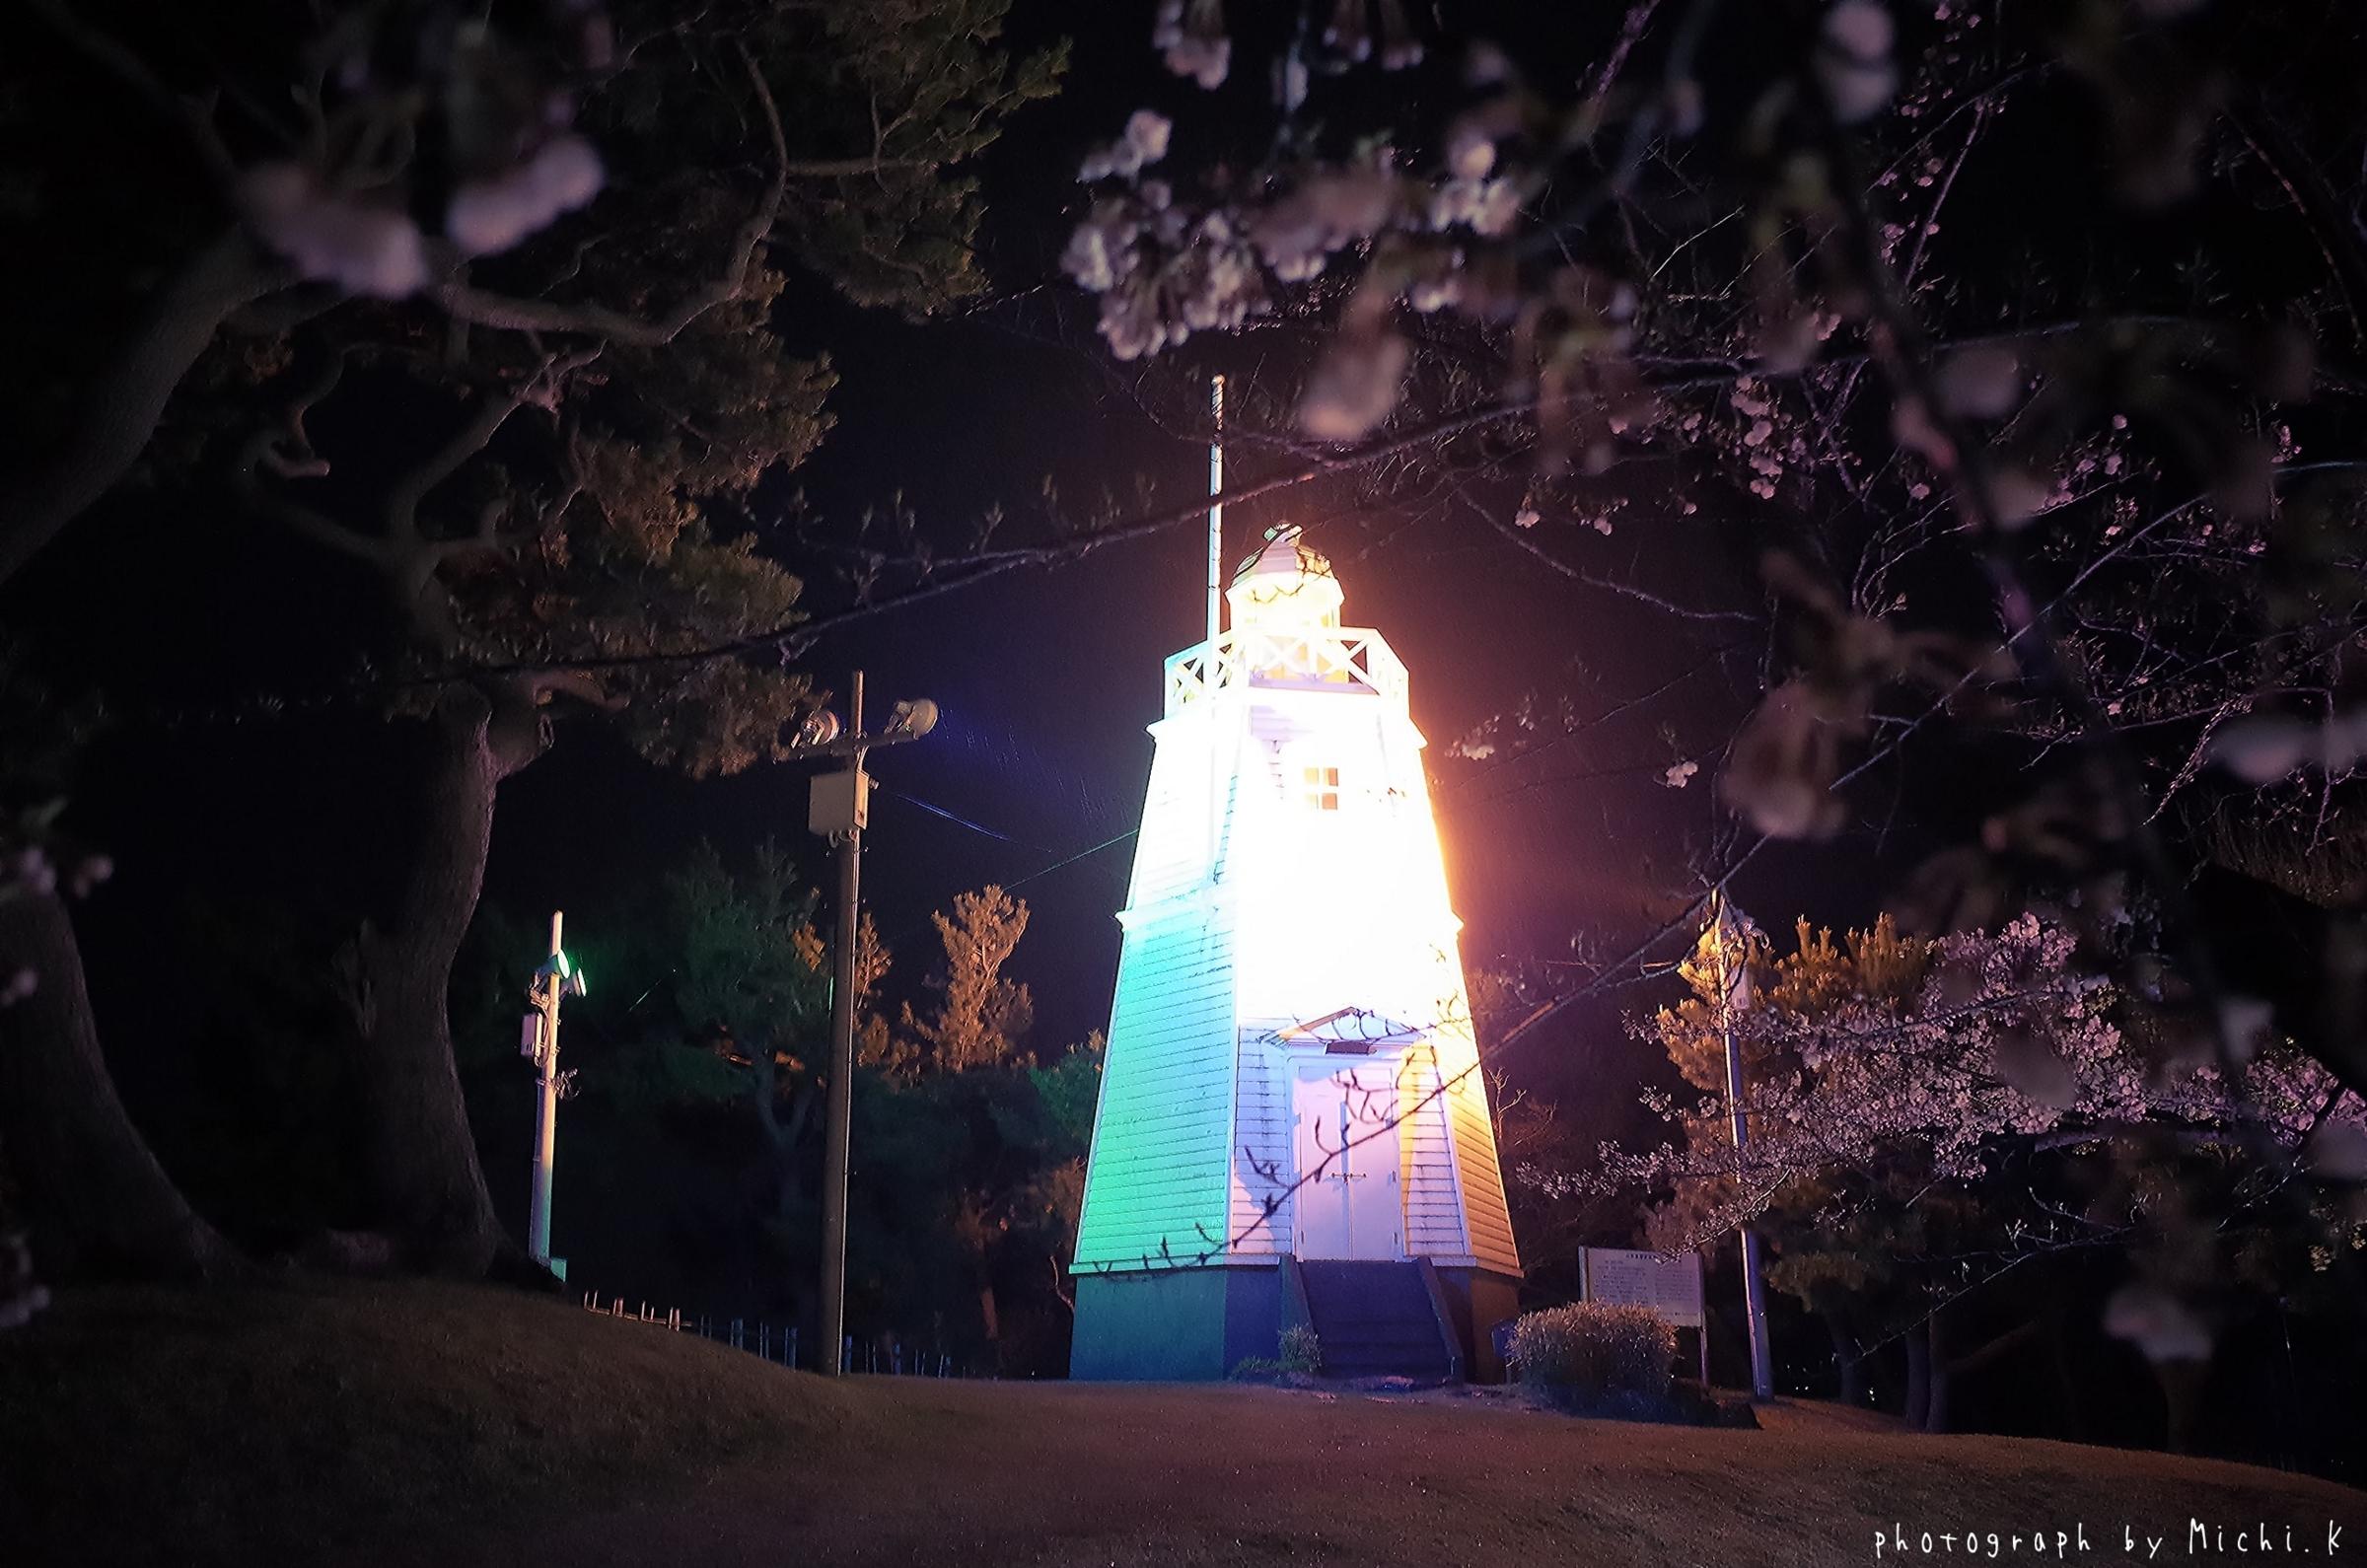 酒田市、夜桜の日和山公園2018-04-14(その3、六角灯台)